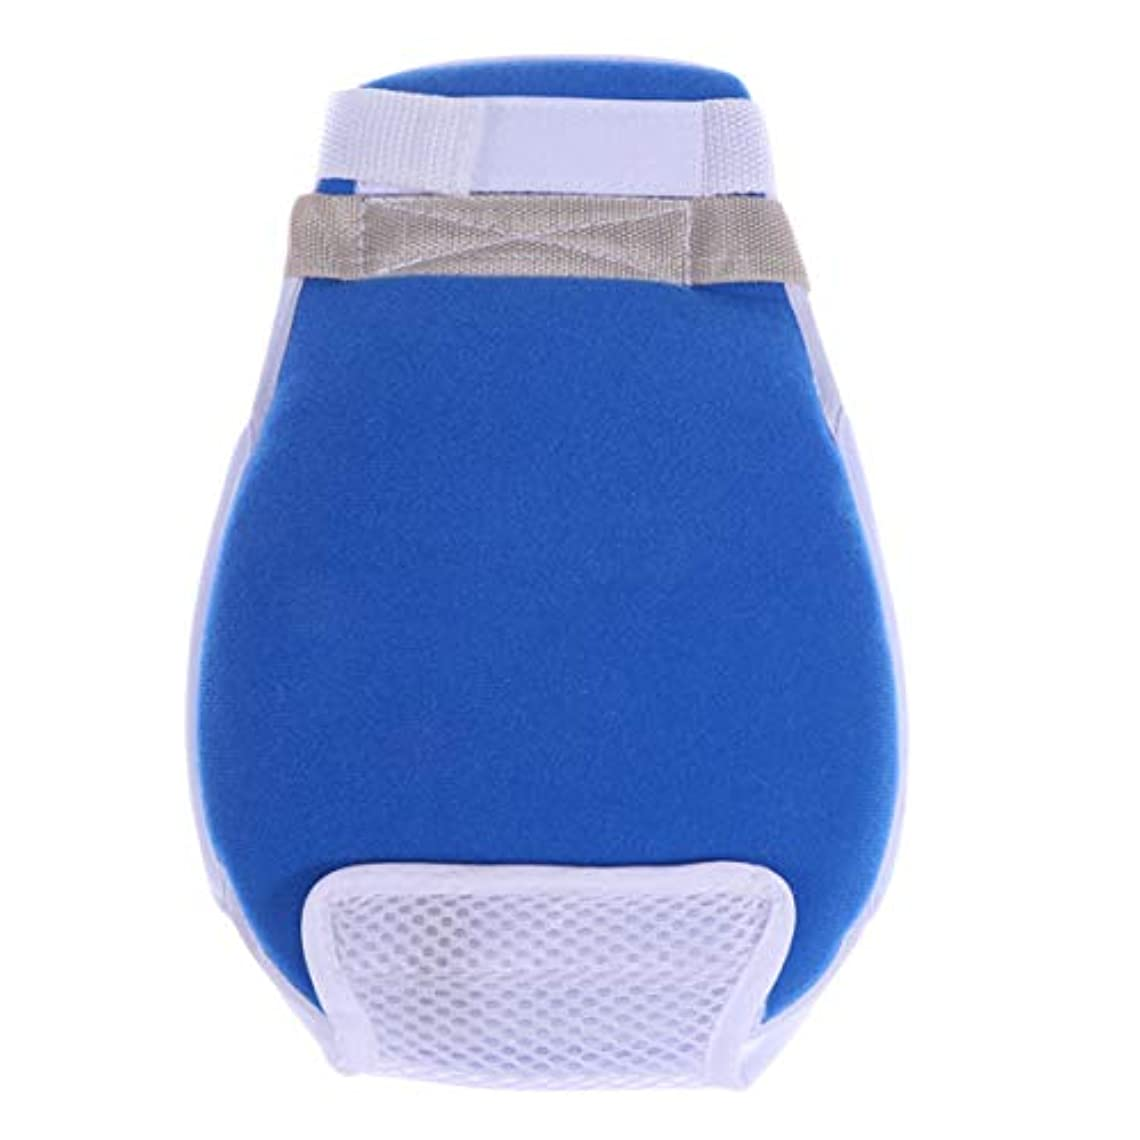 奪う天文学文房具Healifty 医療用手袋傷防止抗引っ張り保護手袋患者の年配の女性男性用の手結束バンド1個(青)